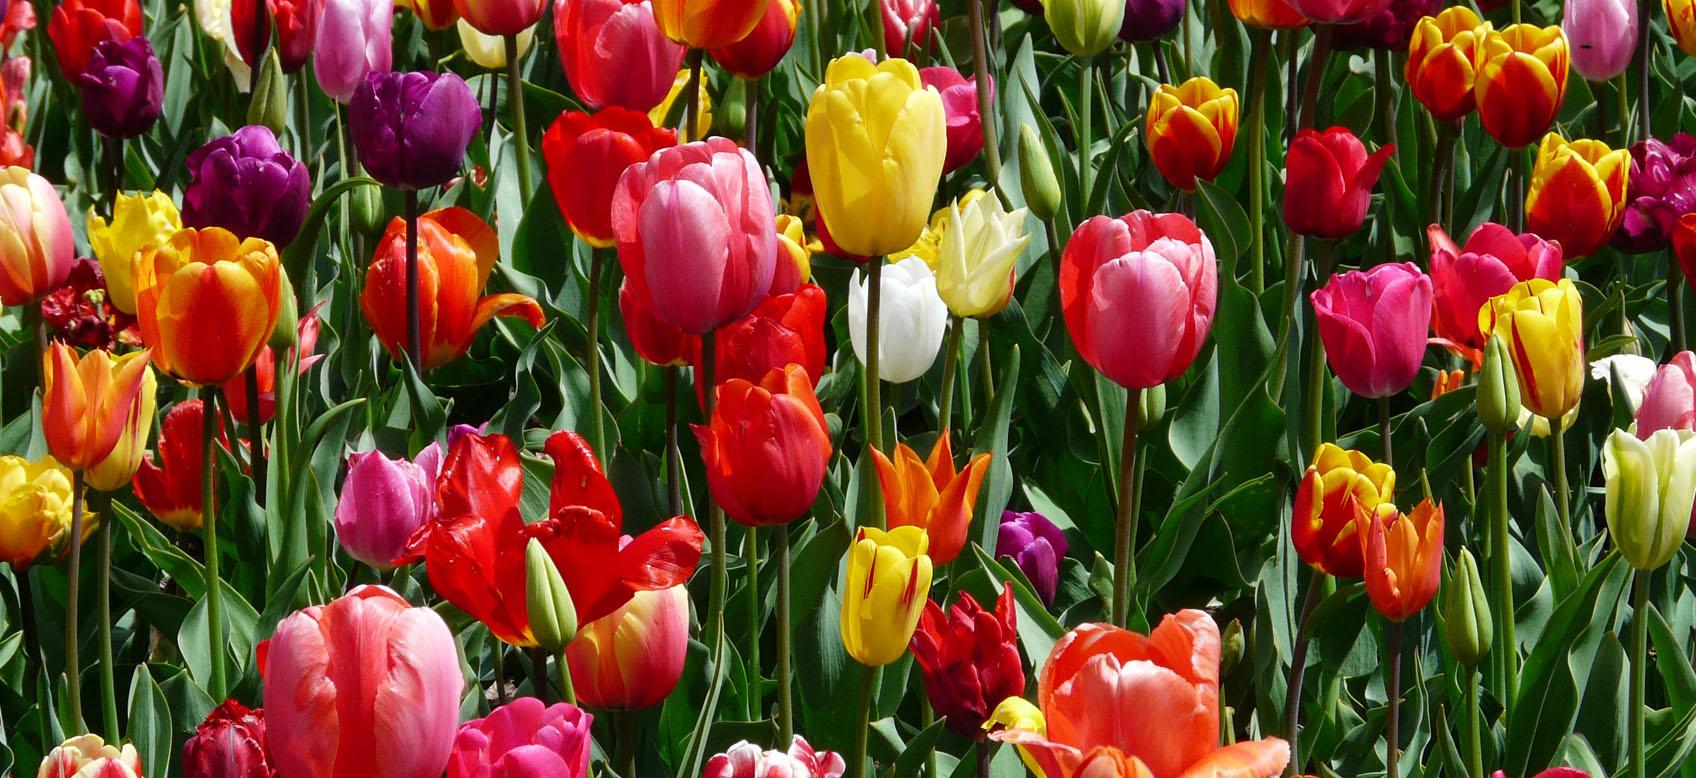 Piantare I Bulbi Di Tulipani come piantare i bulbi di tulipano - guida online